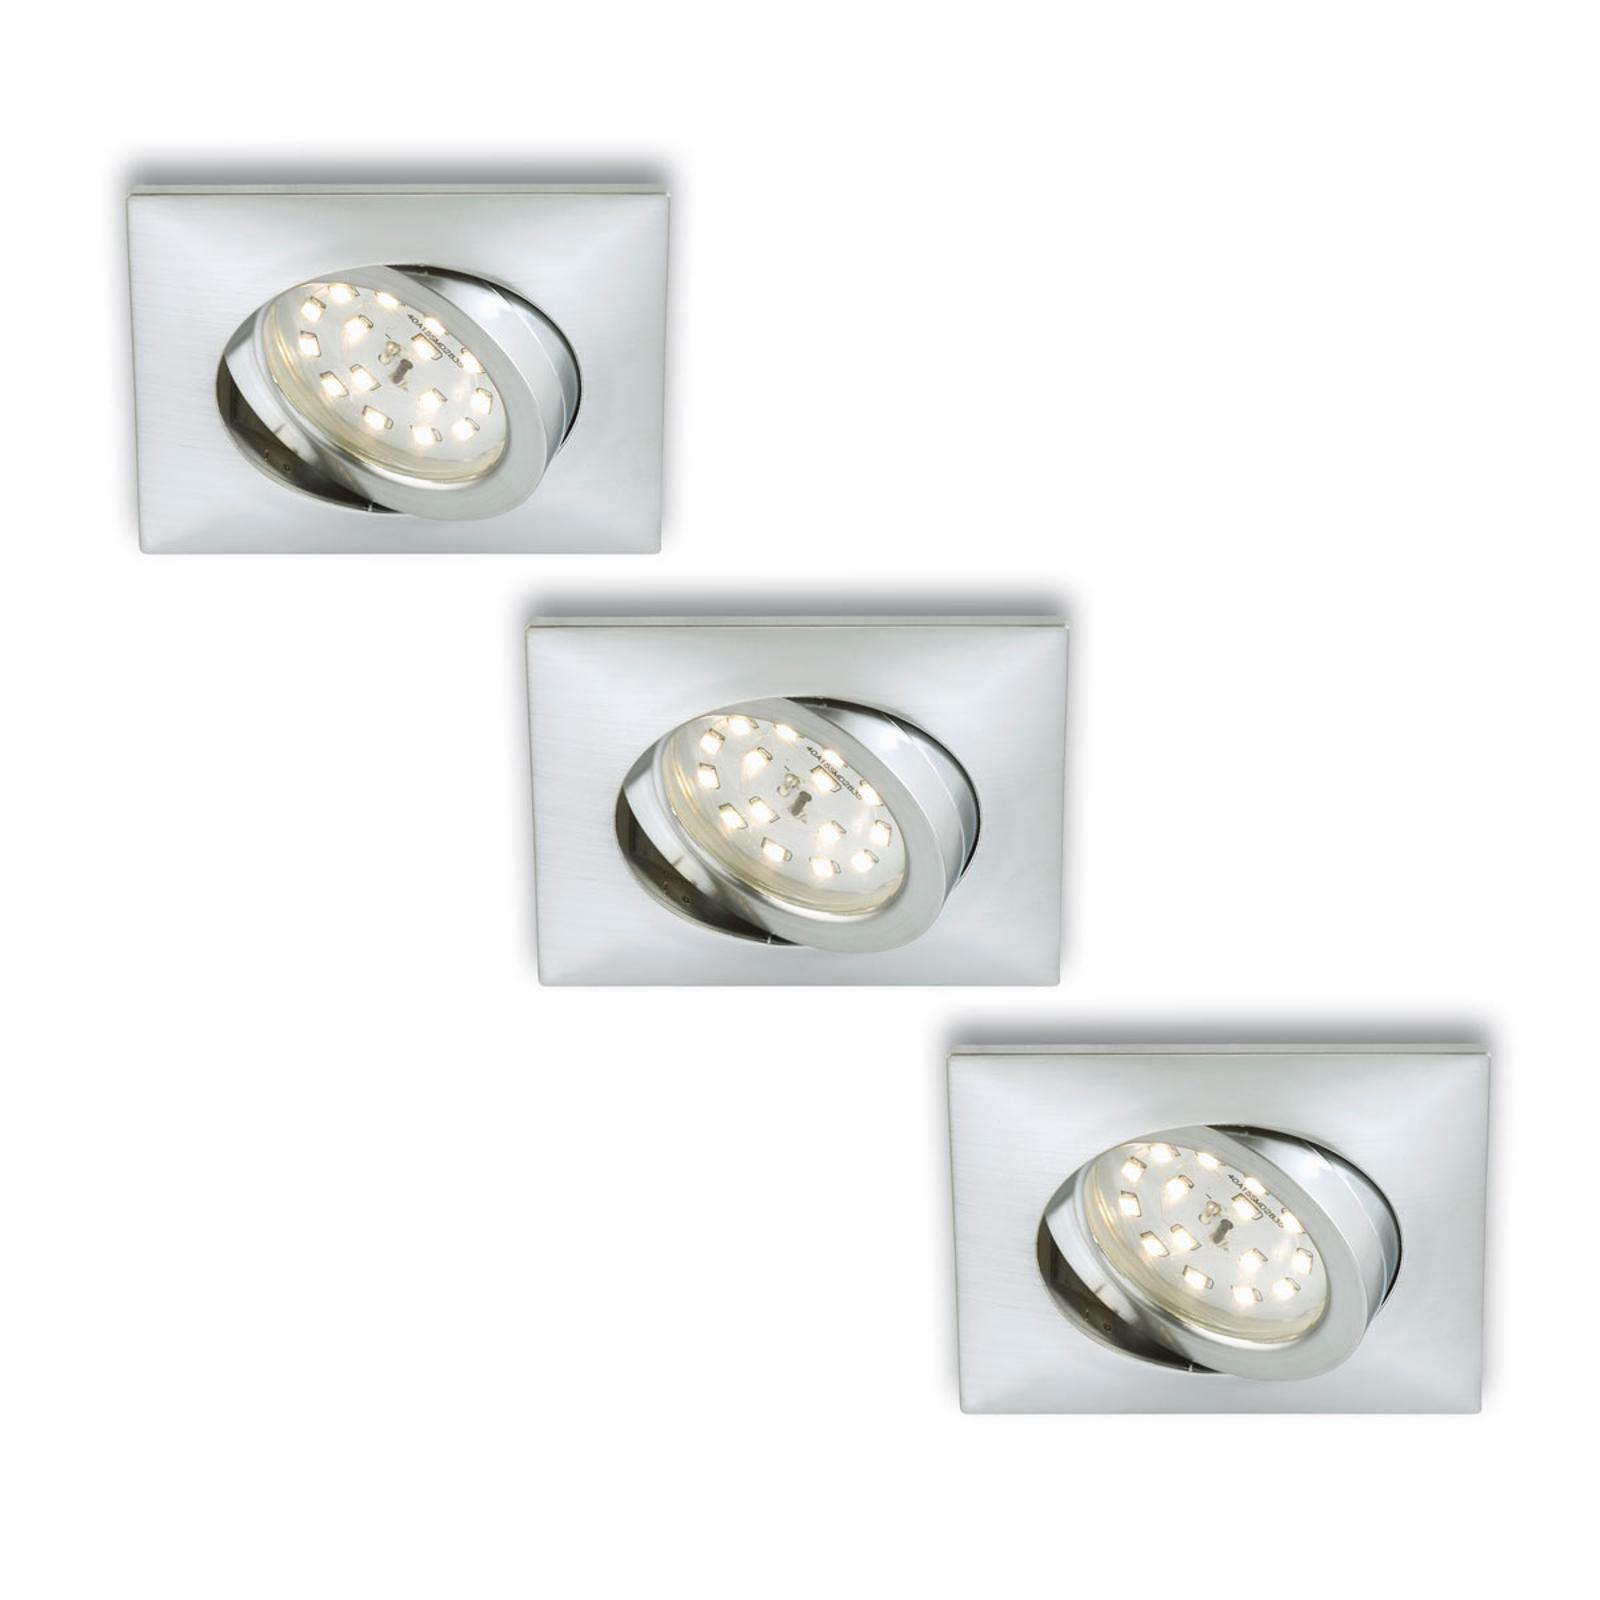 Foco empotrado Erik LED set de 3 ud.- aluminio